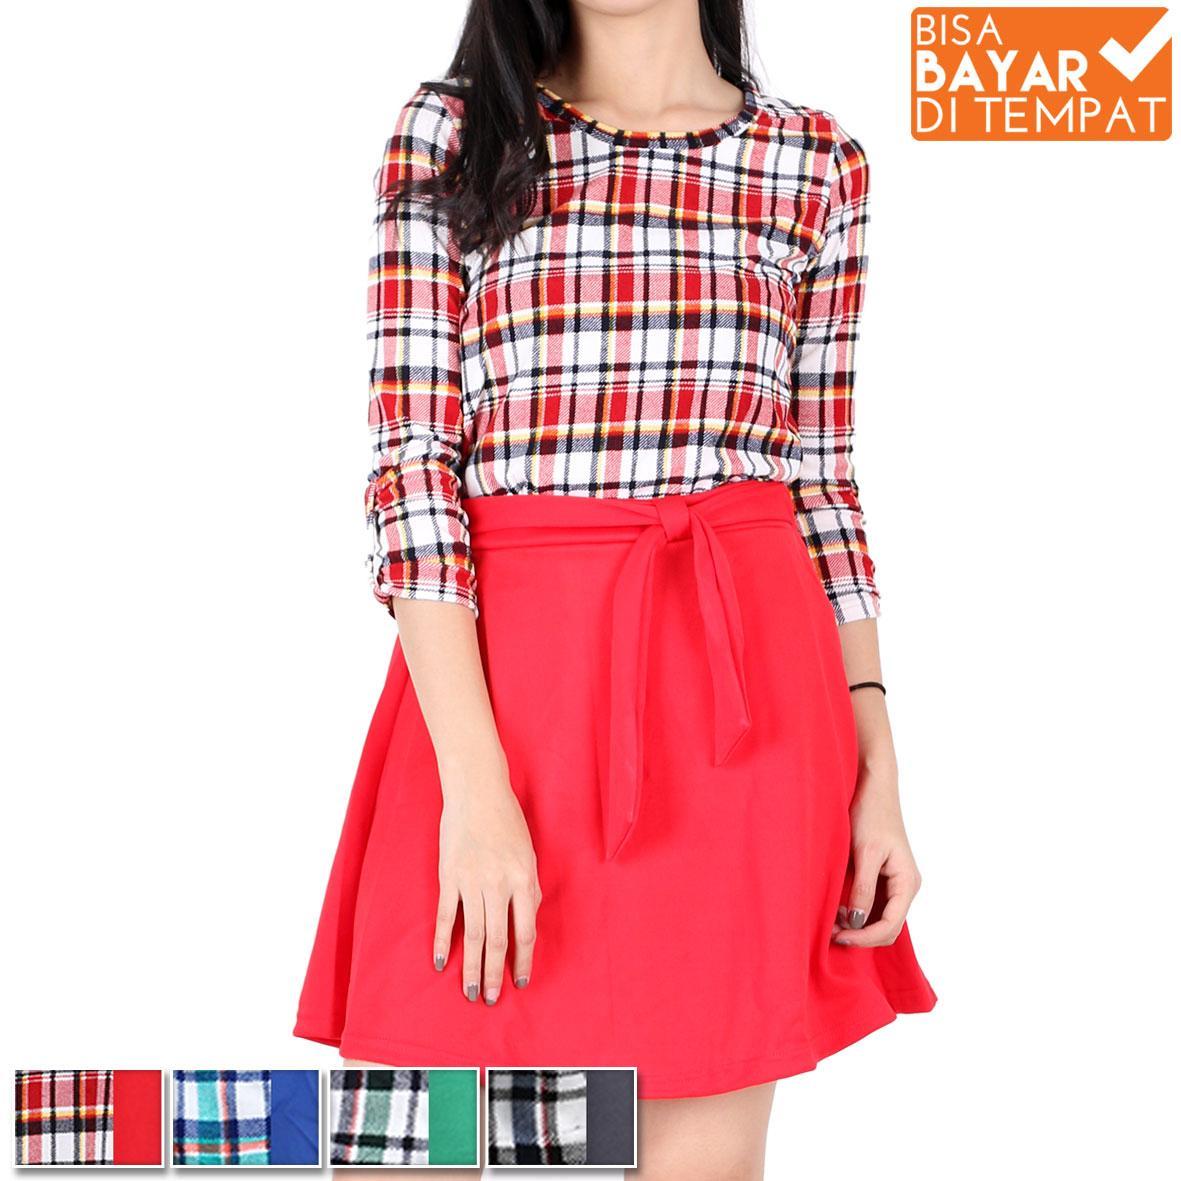 All Item 35K Baju wanita baju remaja baju korea blouse wanita blouse korea rok wanita rok remaja bl